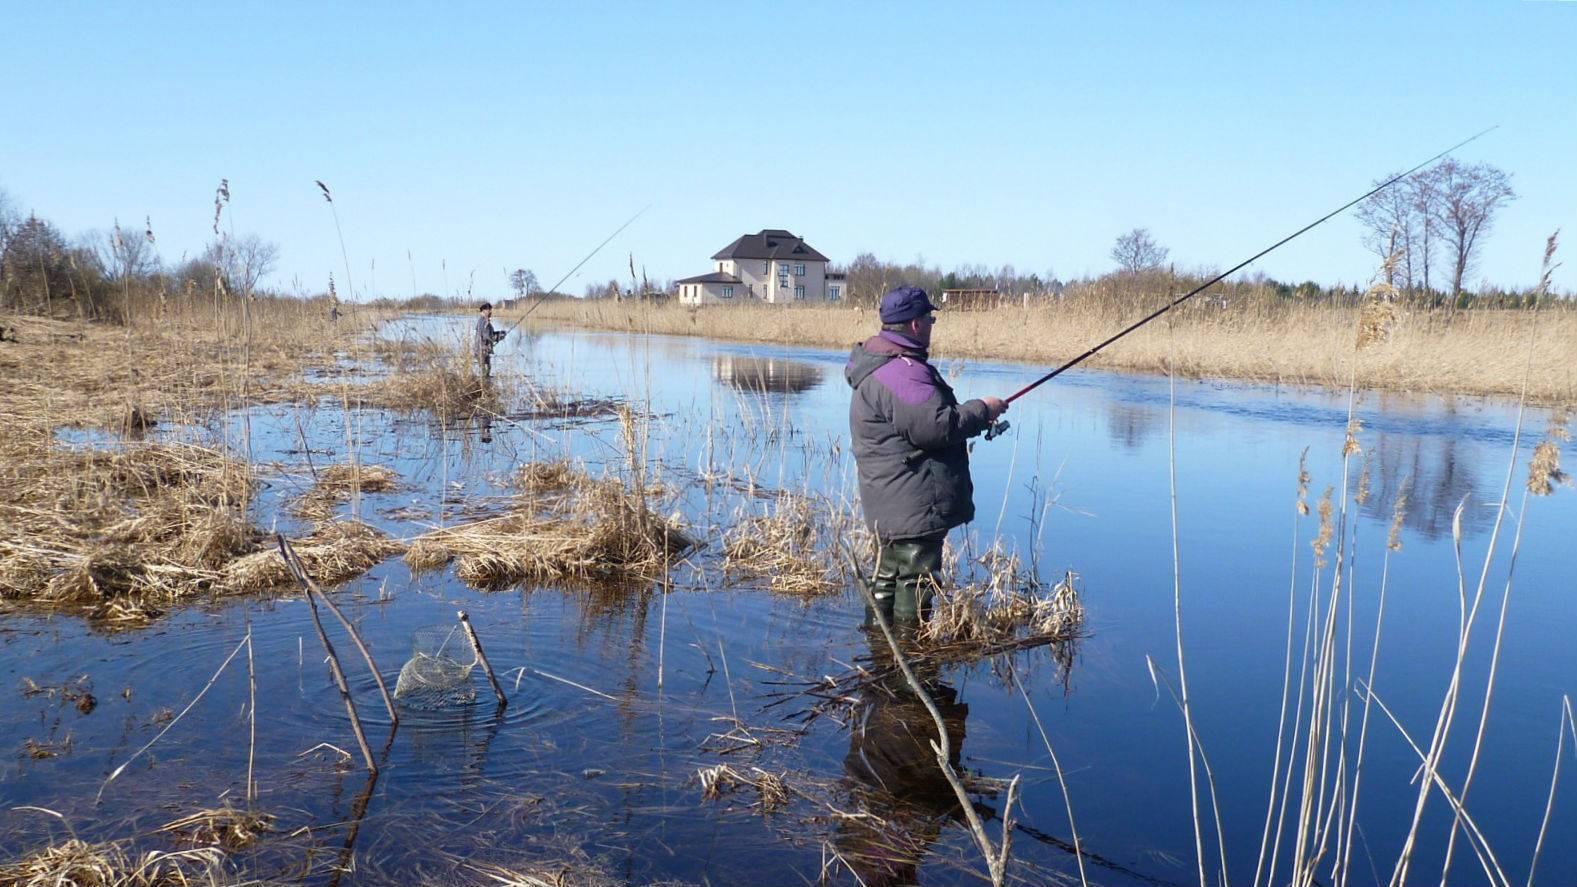 Где ловить щуку в подмосковье, лучшие места для ловли в московской области